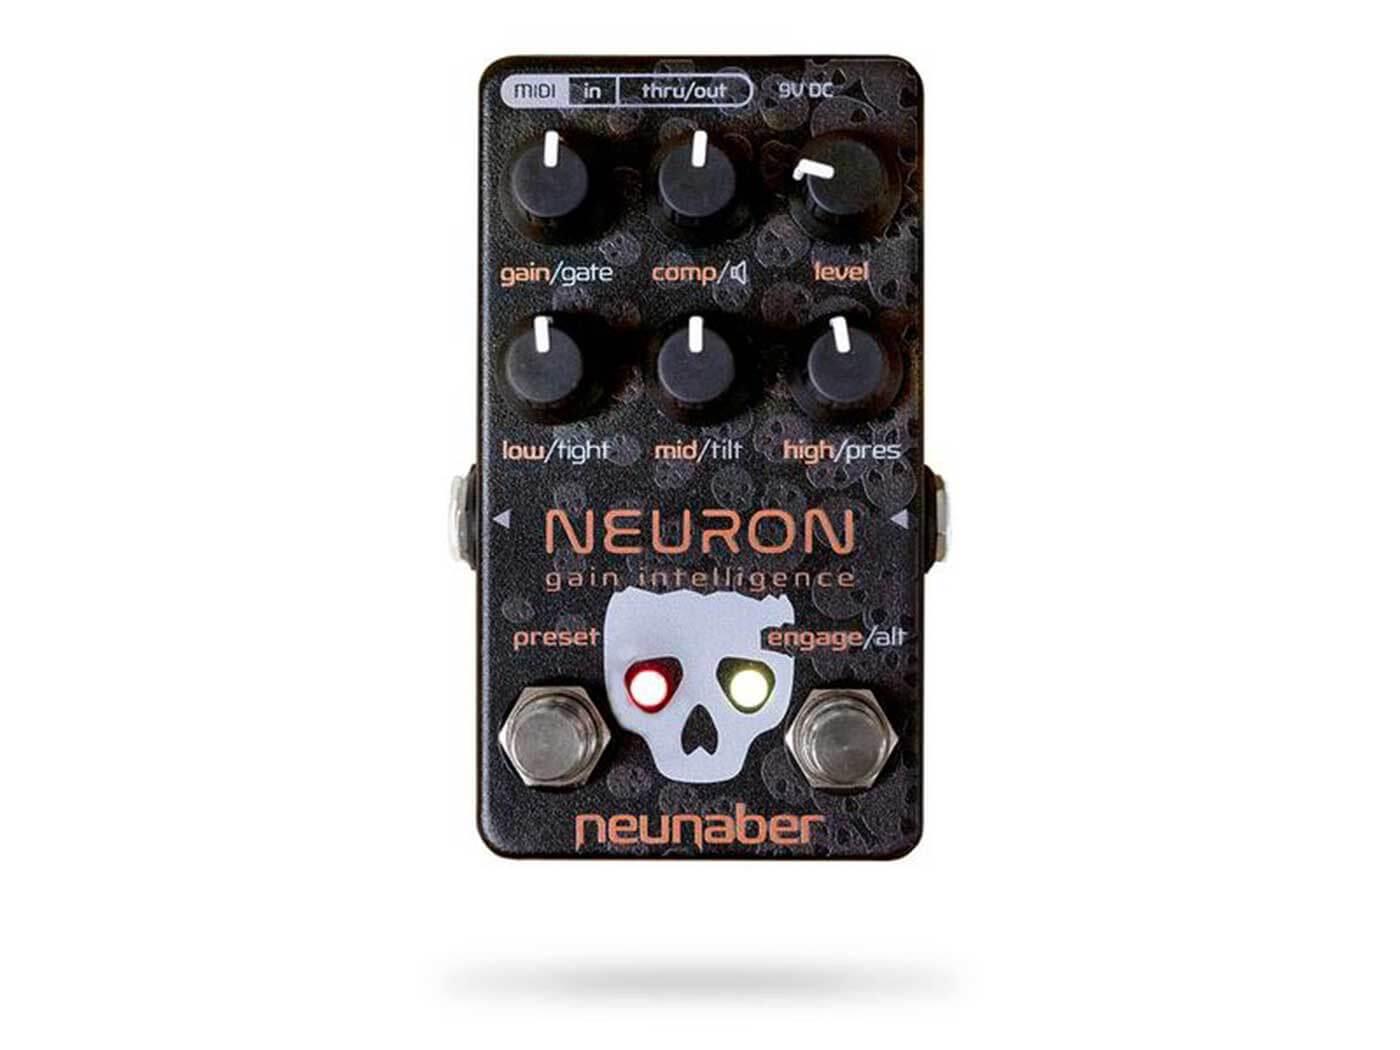 The Neunaber Halloween Neuron